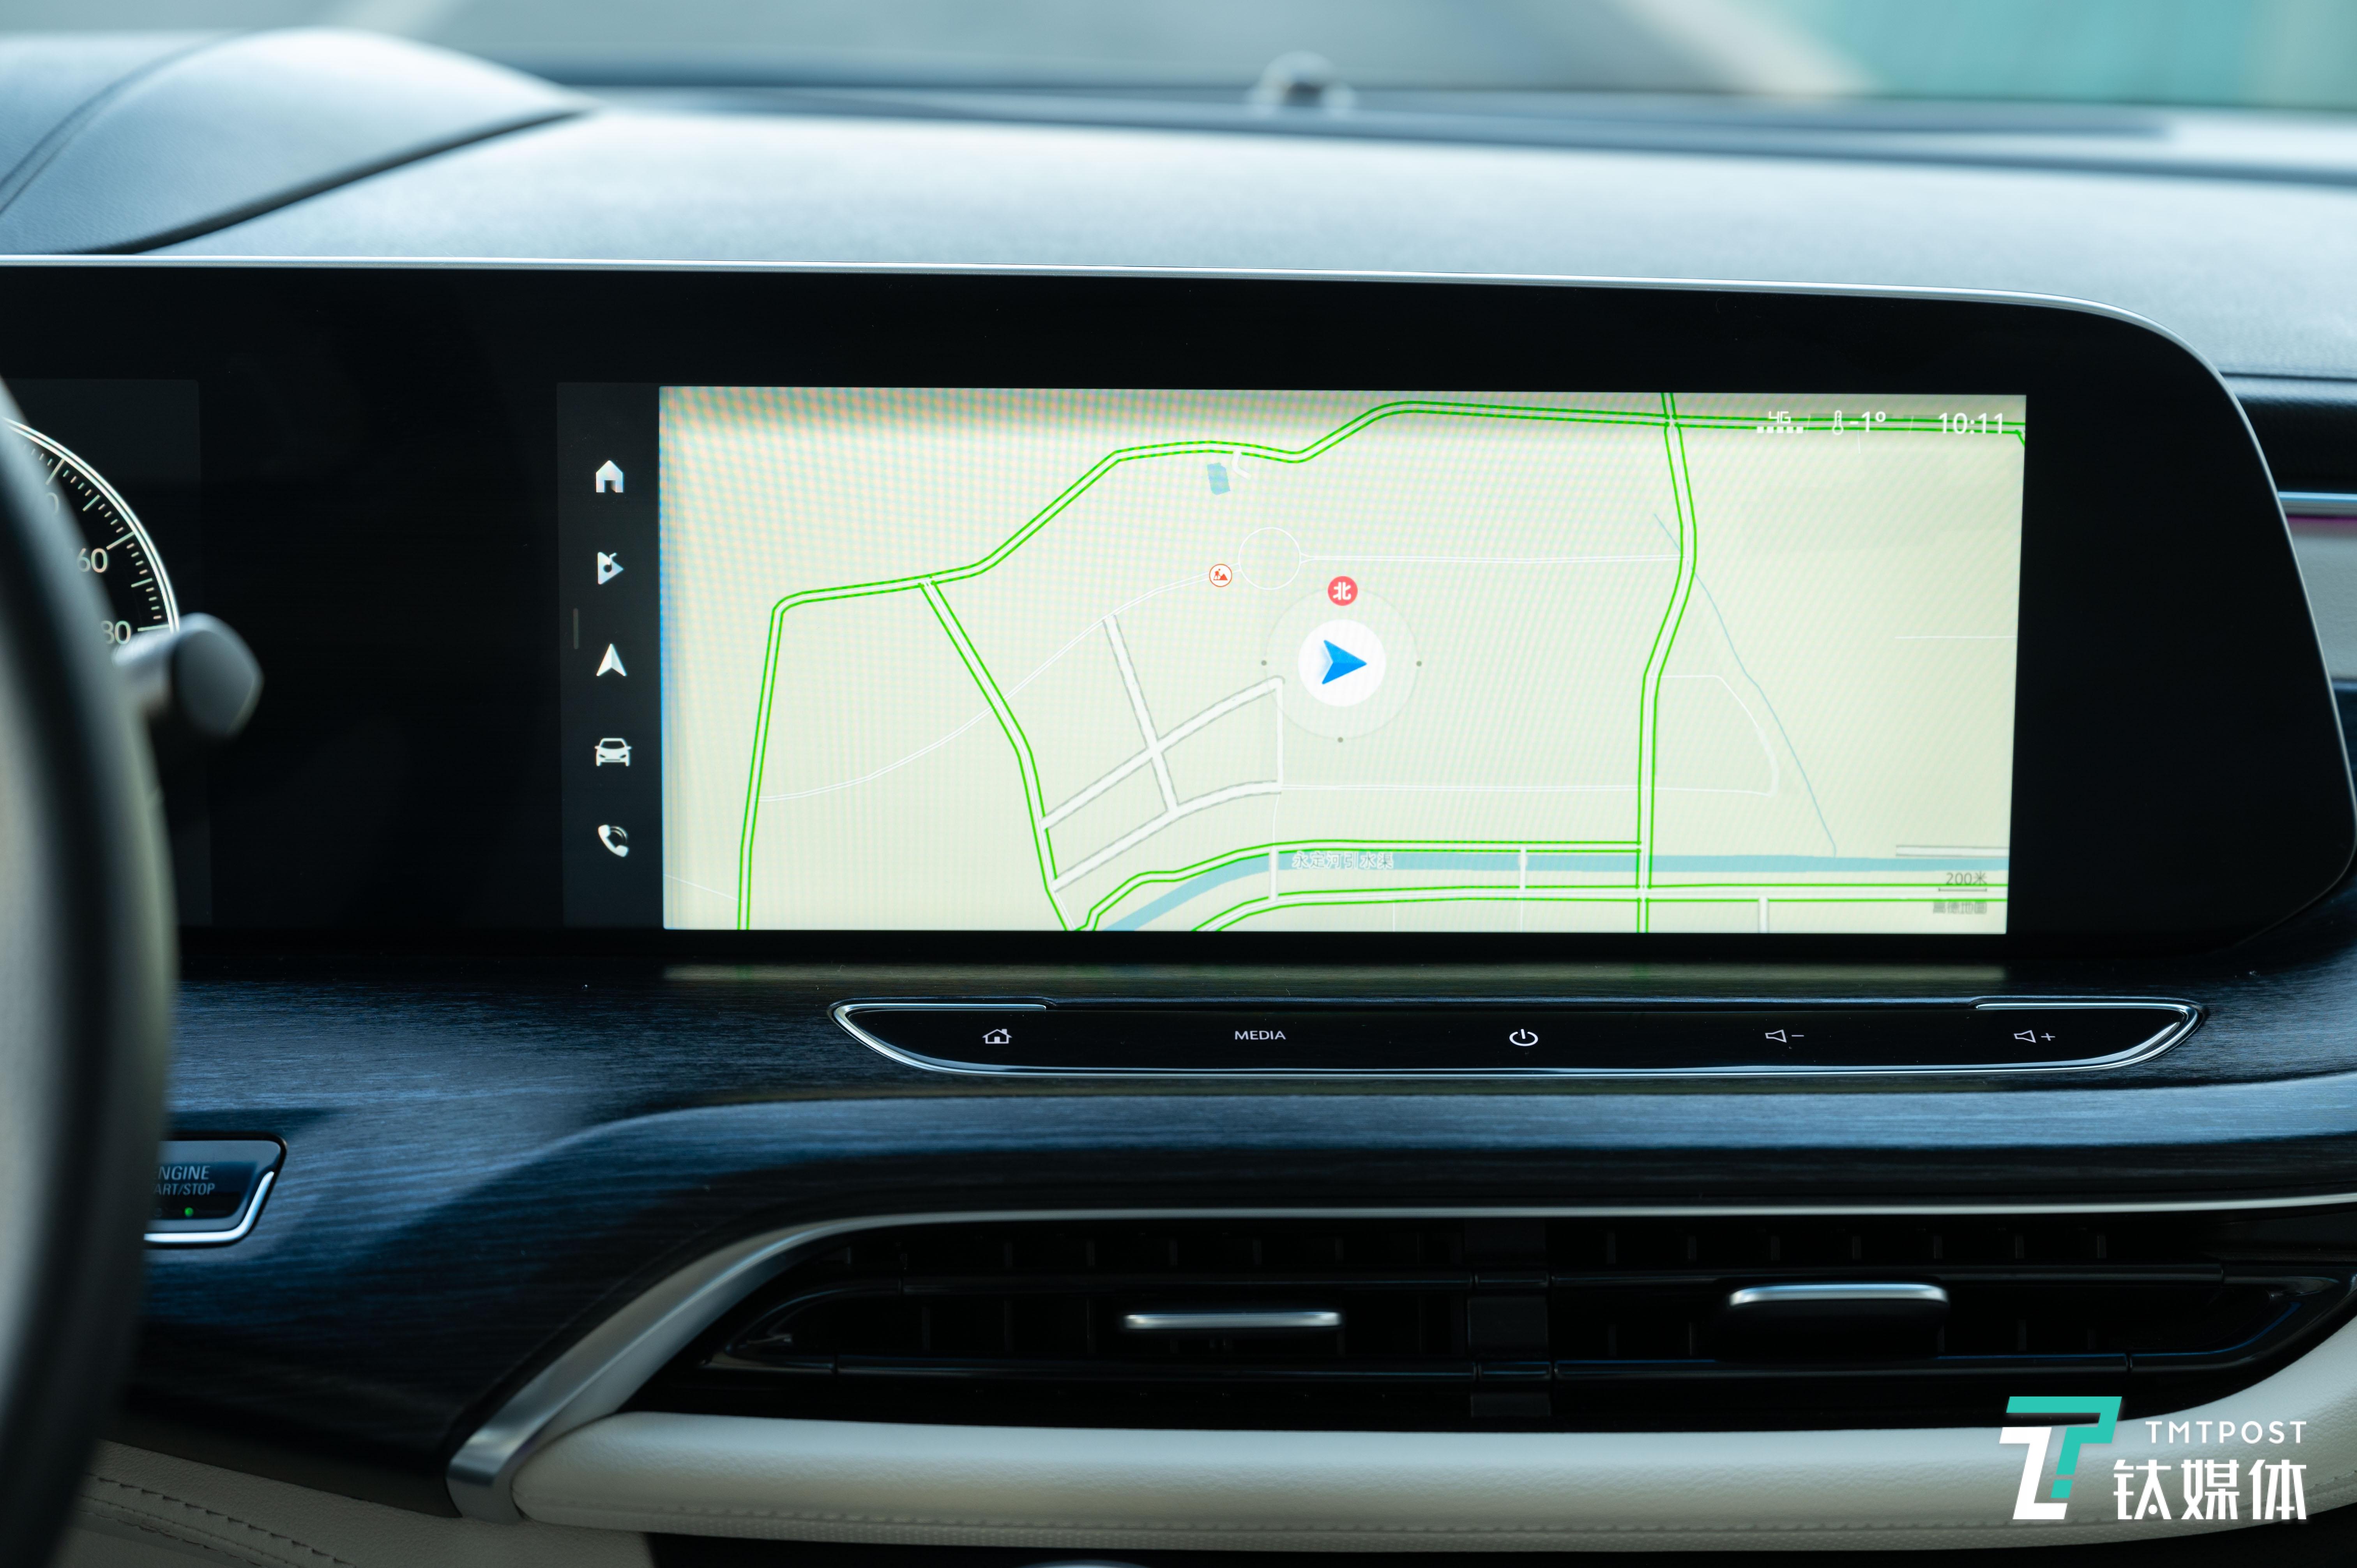 导航界面最大化地利用了这块屏幕